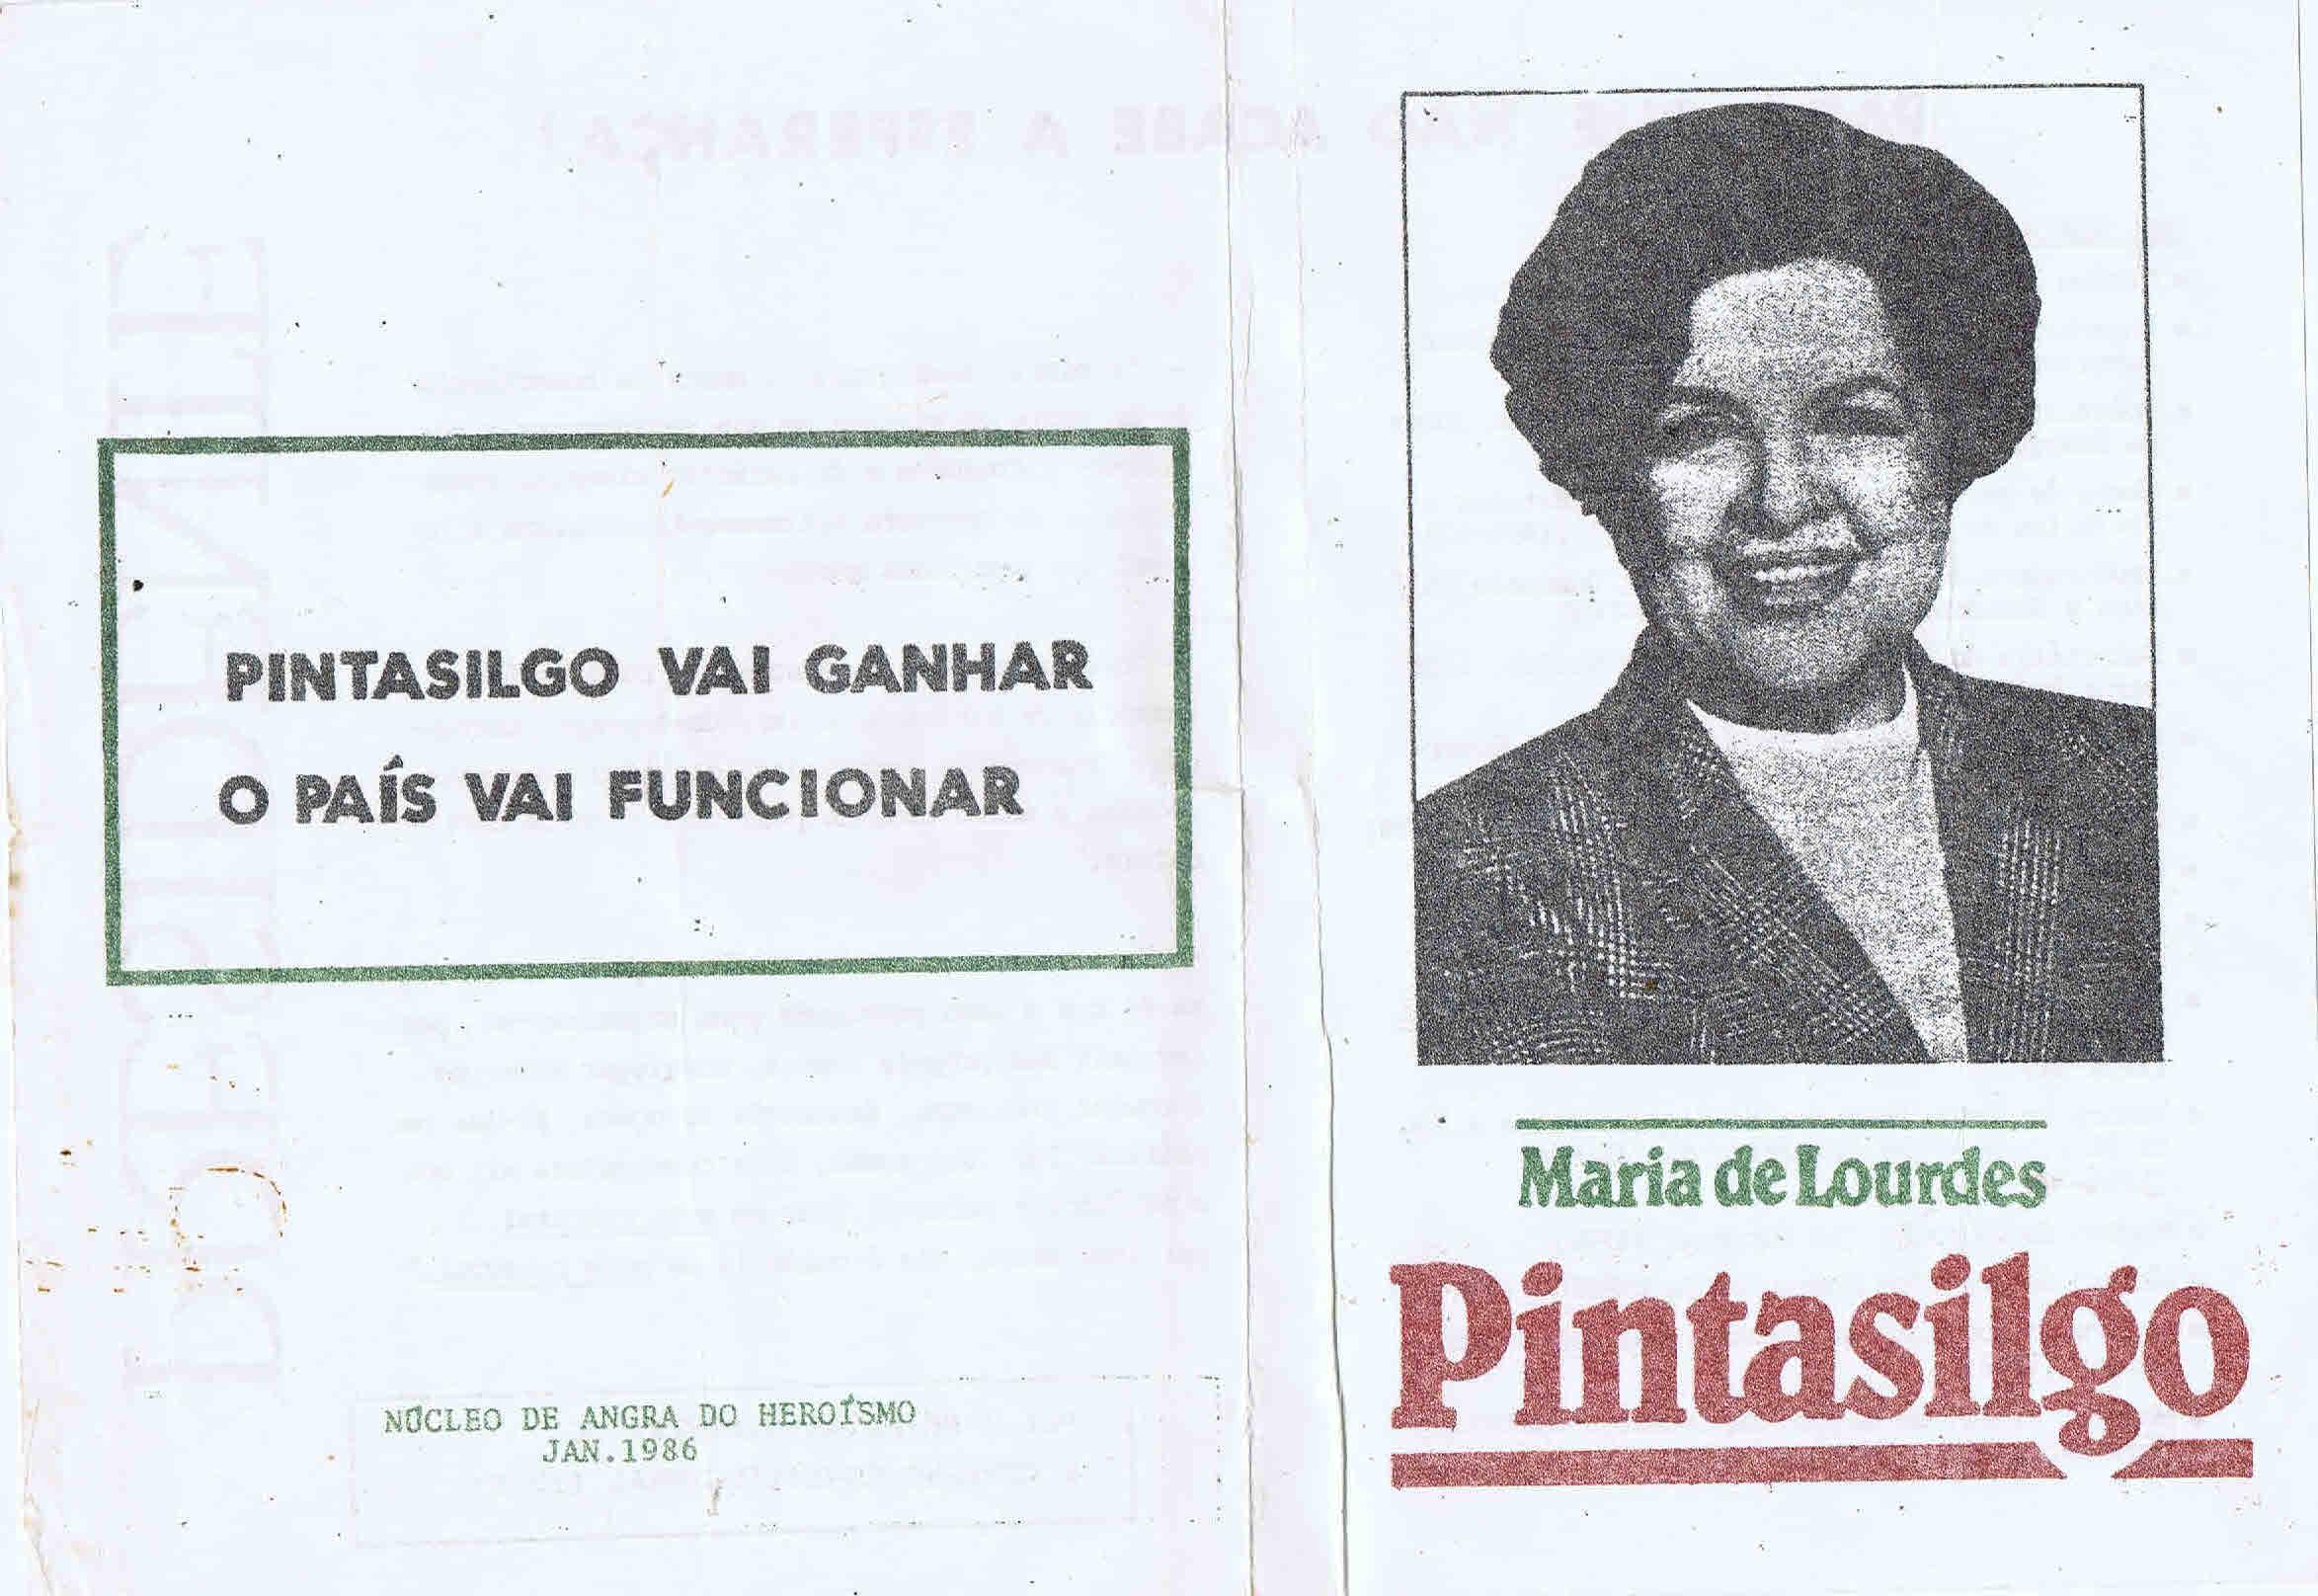 Eleies presidenciais de 1985 6 candidatura de maria de lourdes panfletos fandeluxe Choice Image